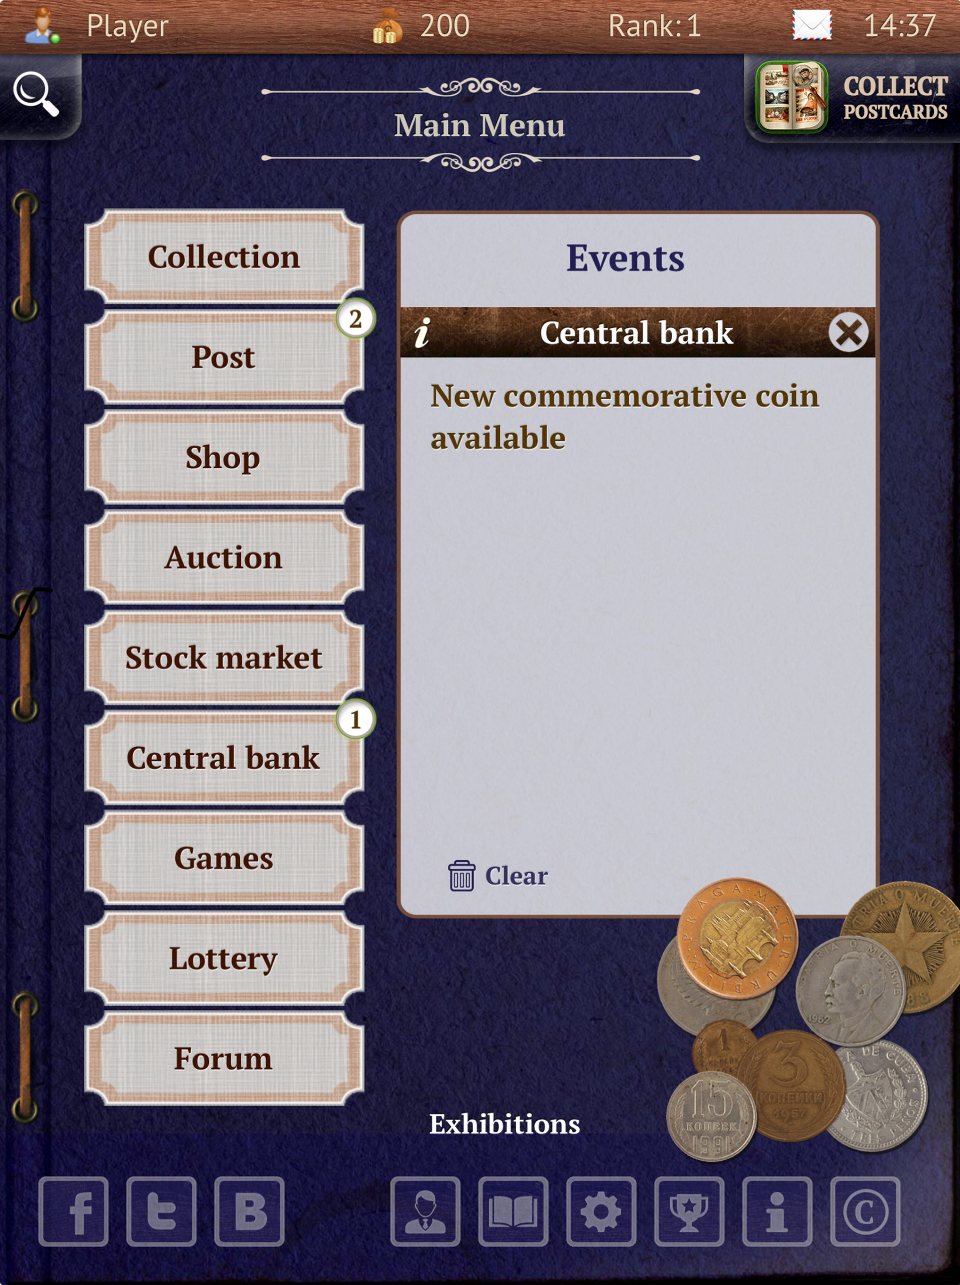 В одном приложении можно и хранить коллекцию, и торговаться на аукционах, и общаться с коллекционерами